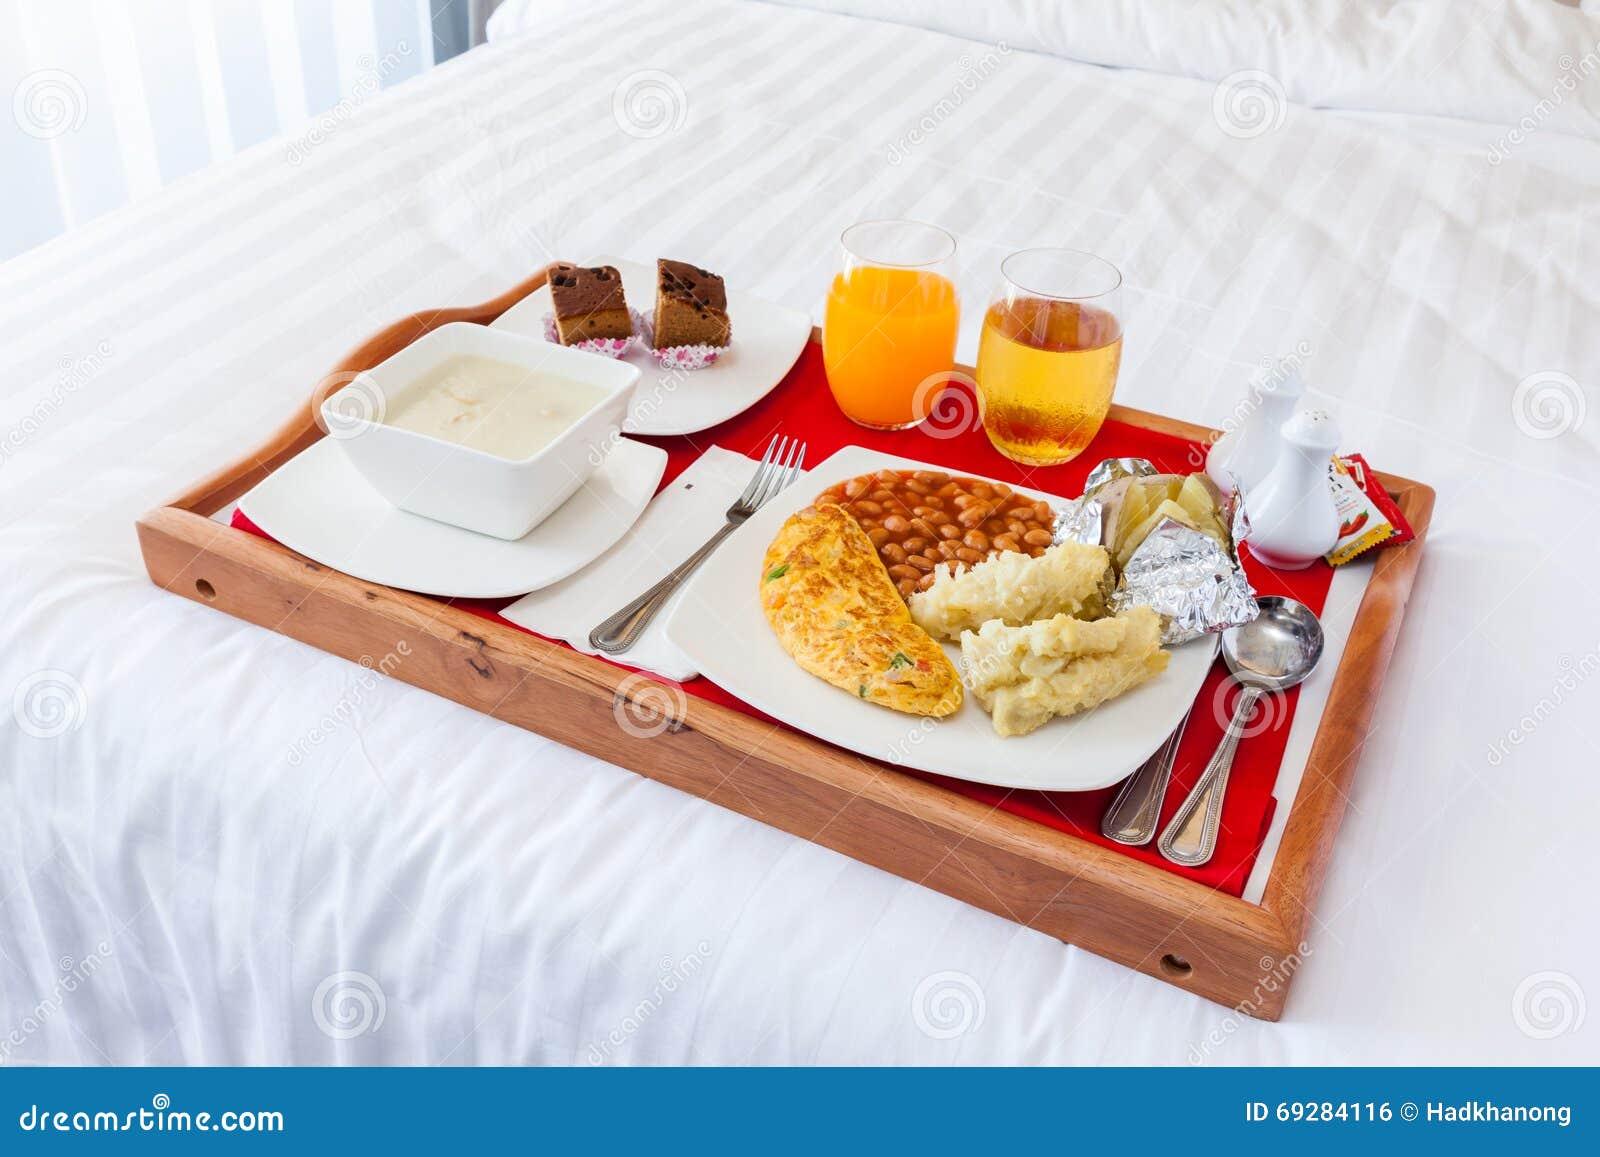 La prima colazione ha messo nel servizio di legno del - Colazione a letto immagini ...